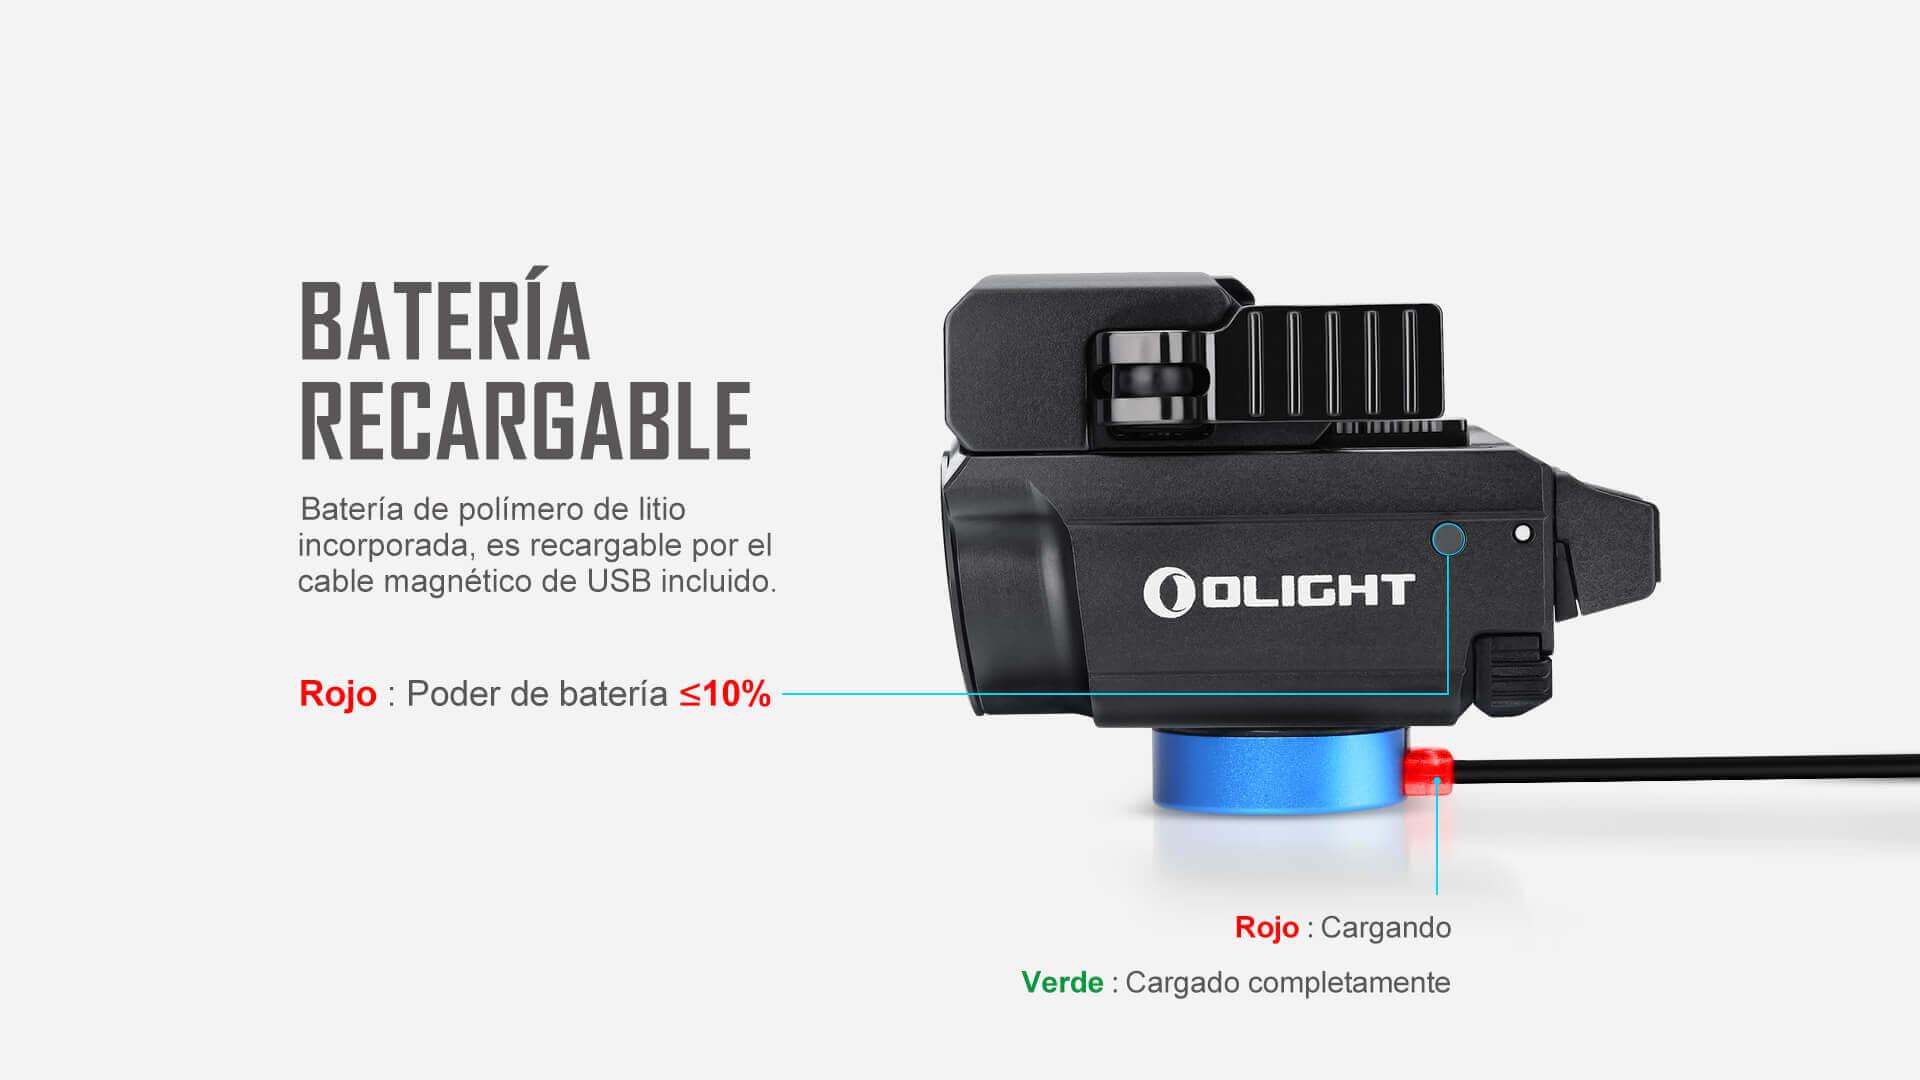 Con batería de litio recargable, la linterna táctica Baldr RL Mini es recargable por el cable magnética de USB incluido y puede saber el estado de cargar según el indicador